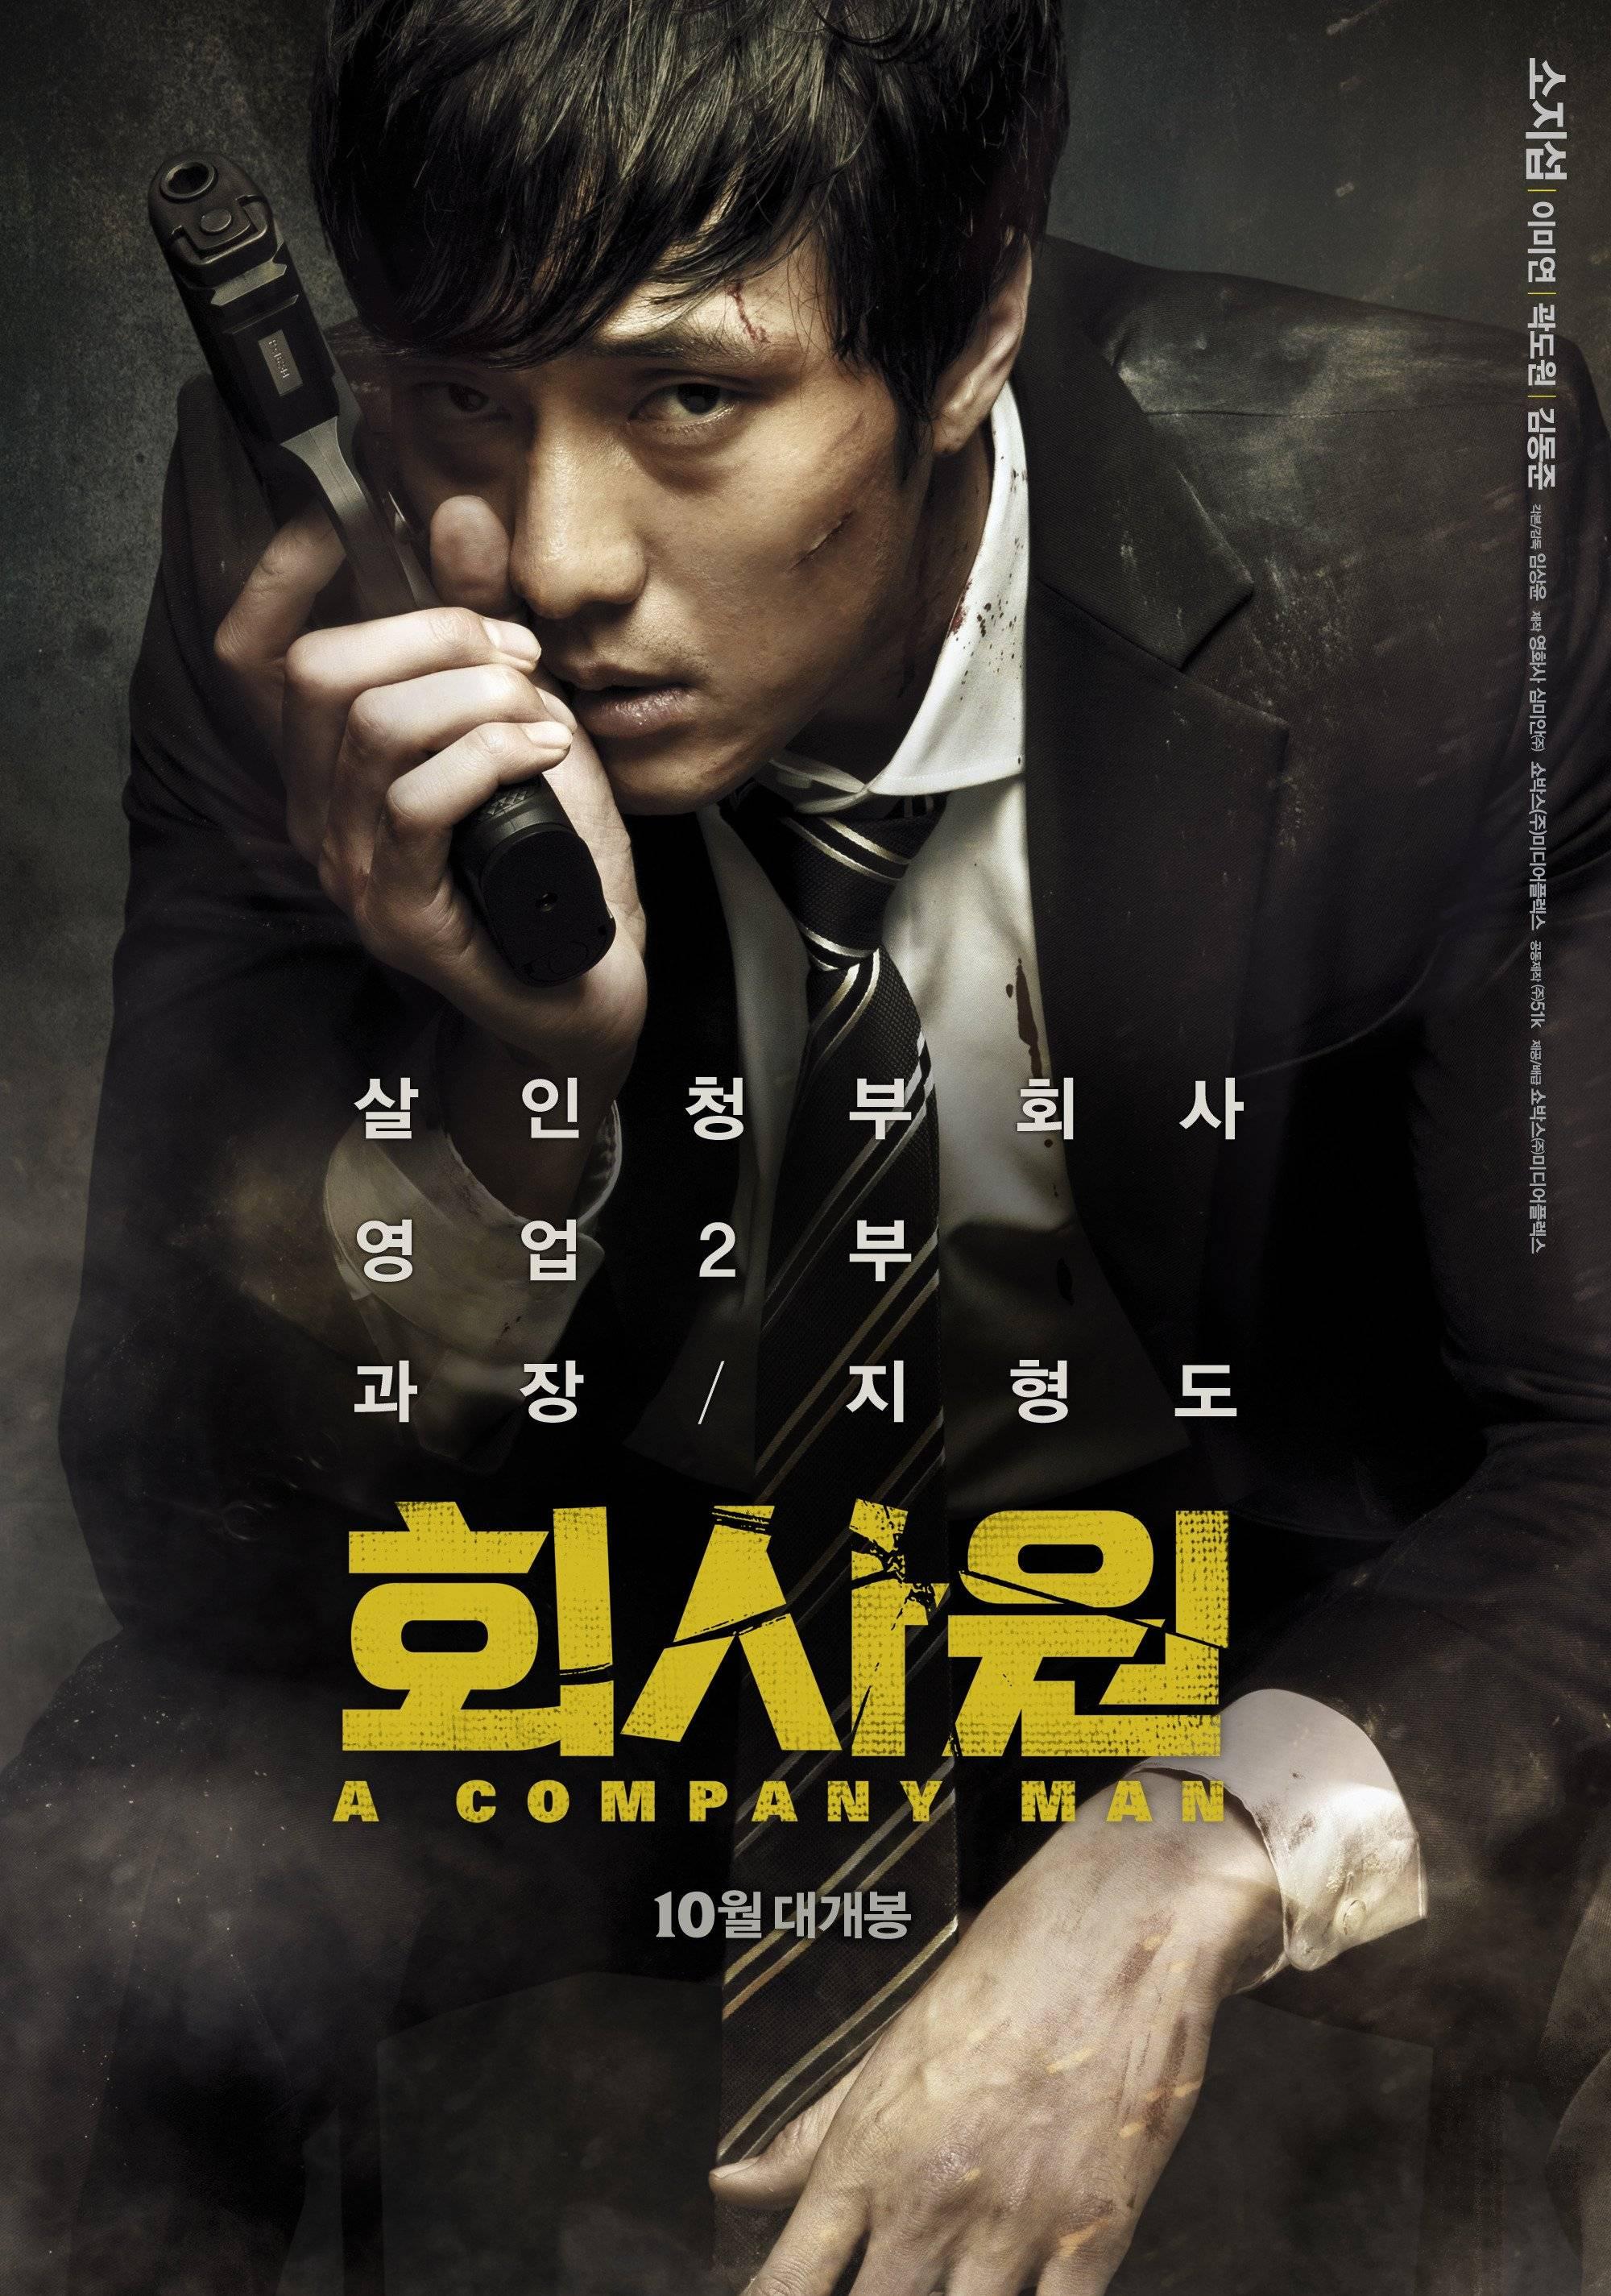 fullsizephoto254643 Streaming Review: A Company Man (2012) Korea